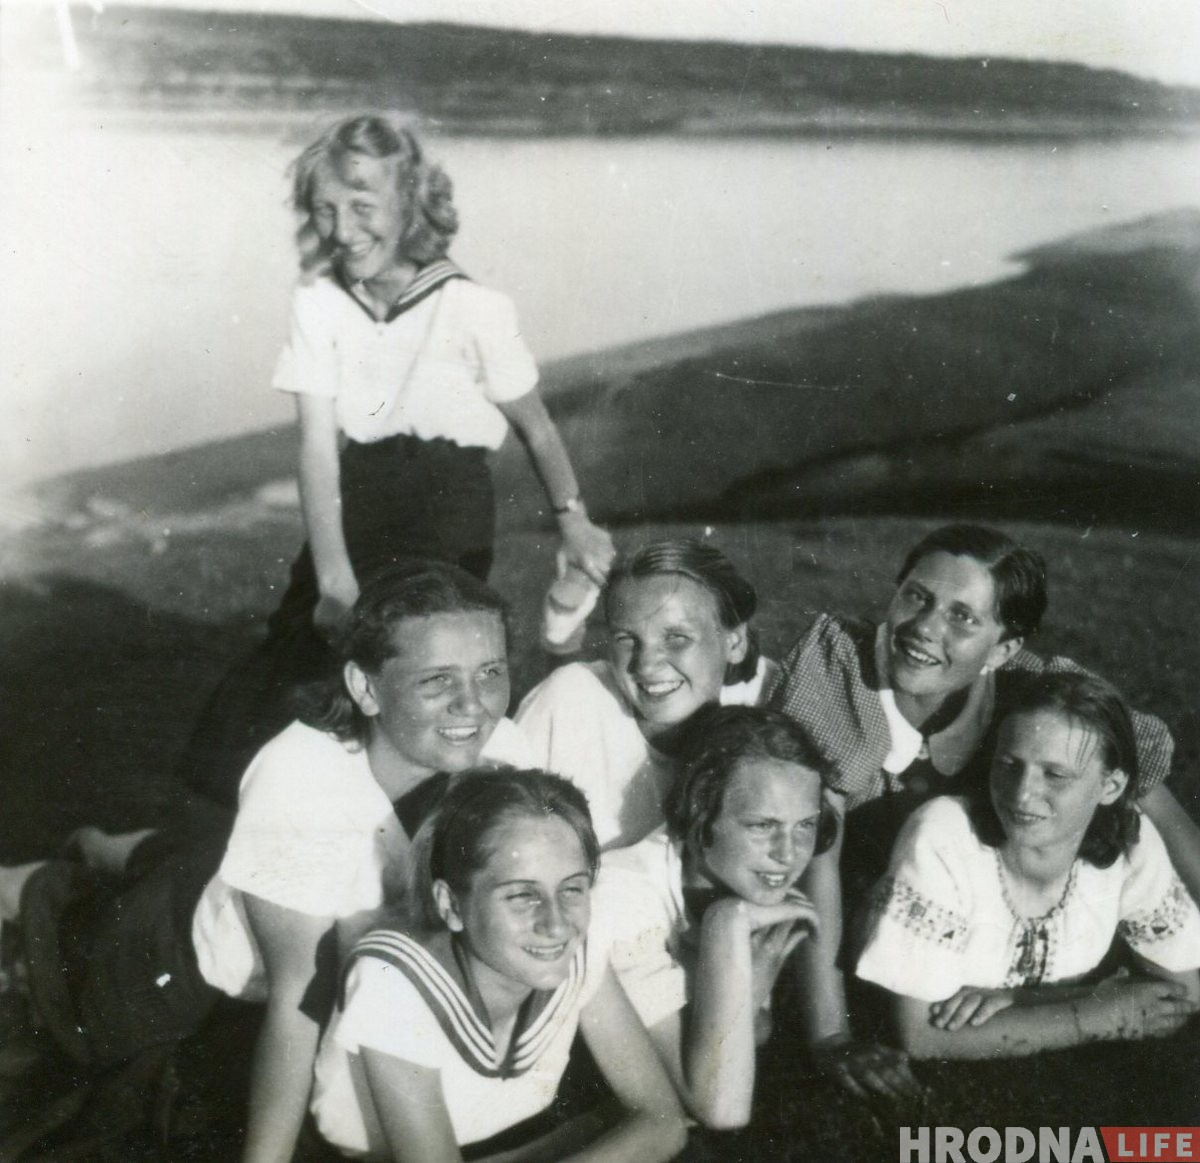 Каляровы Гродна 1930-50-х: працягваем размалёўваць чорна-белыя фота гродзенцаў